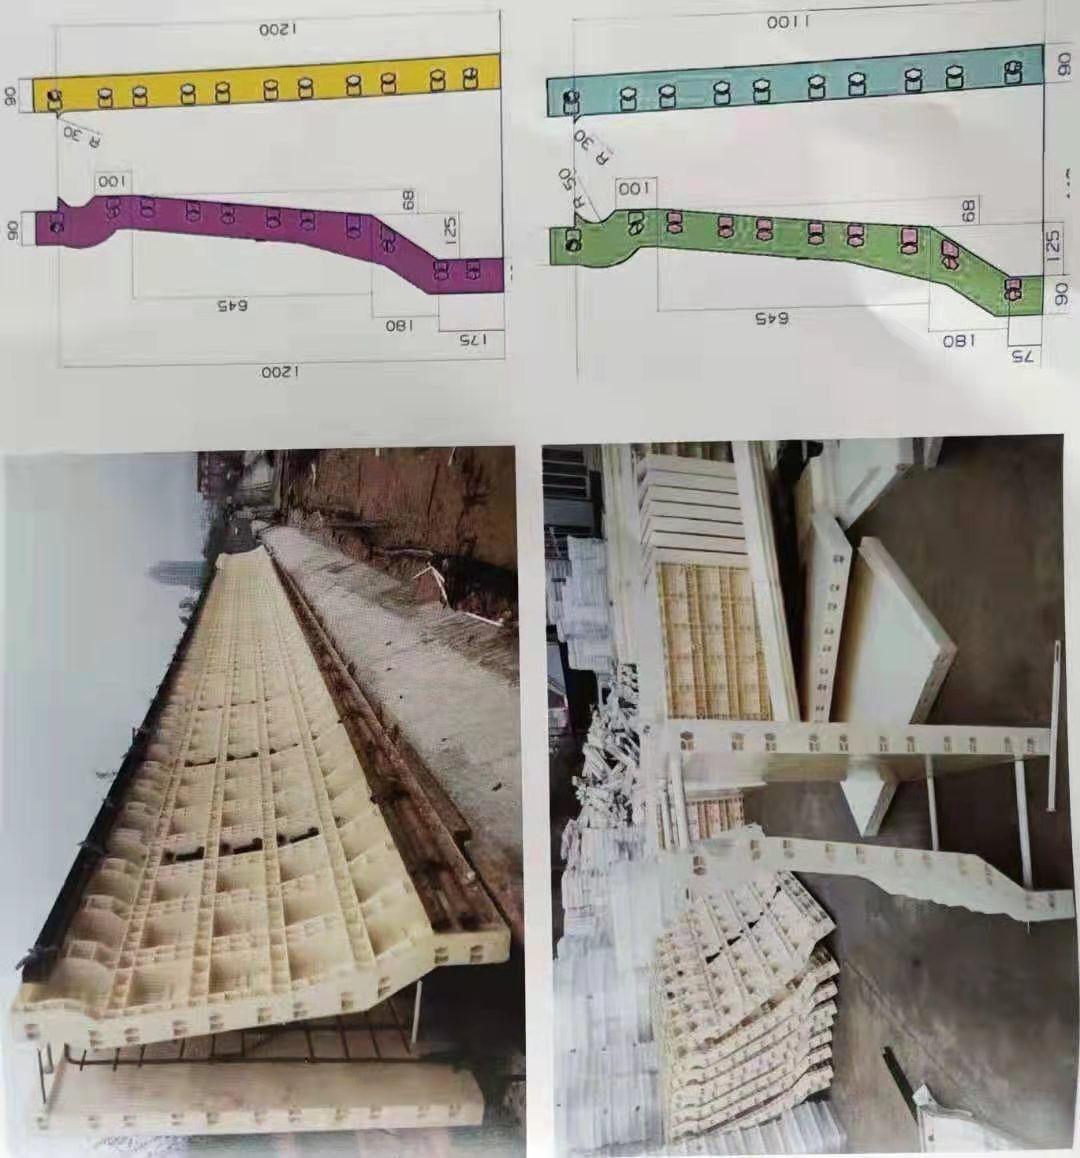 曲靖罗平县护栏塑料模板在化工行业的发展